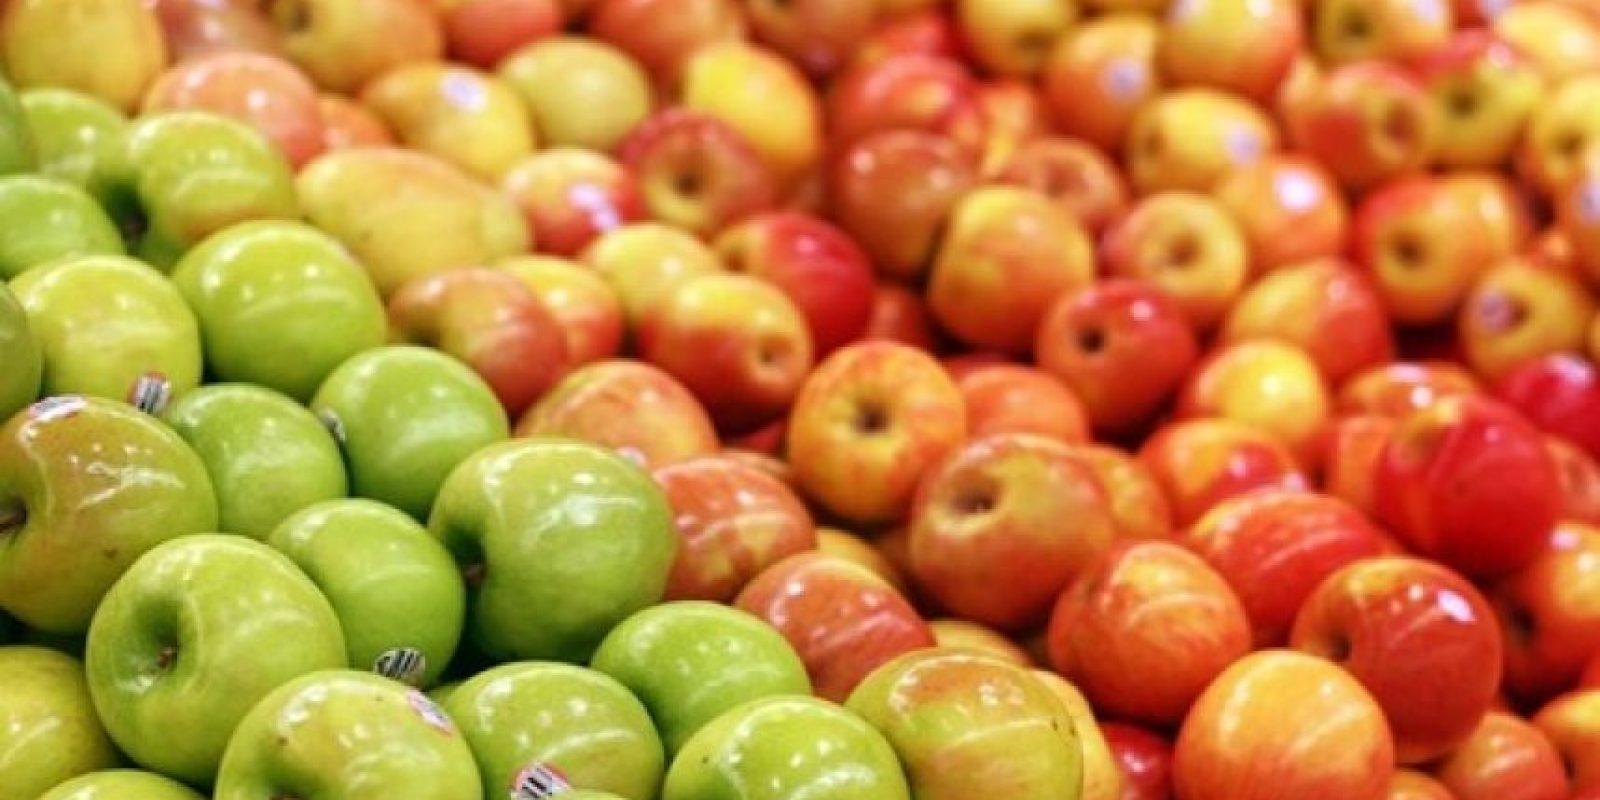 Los hallazgos resaltan la importancia de una dieta rica en fruta para evitar el desarrollo de la depresión en la mediana edad. Foto:Getty Images